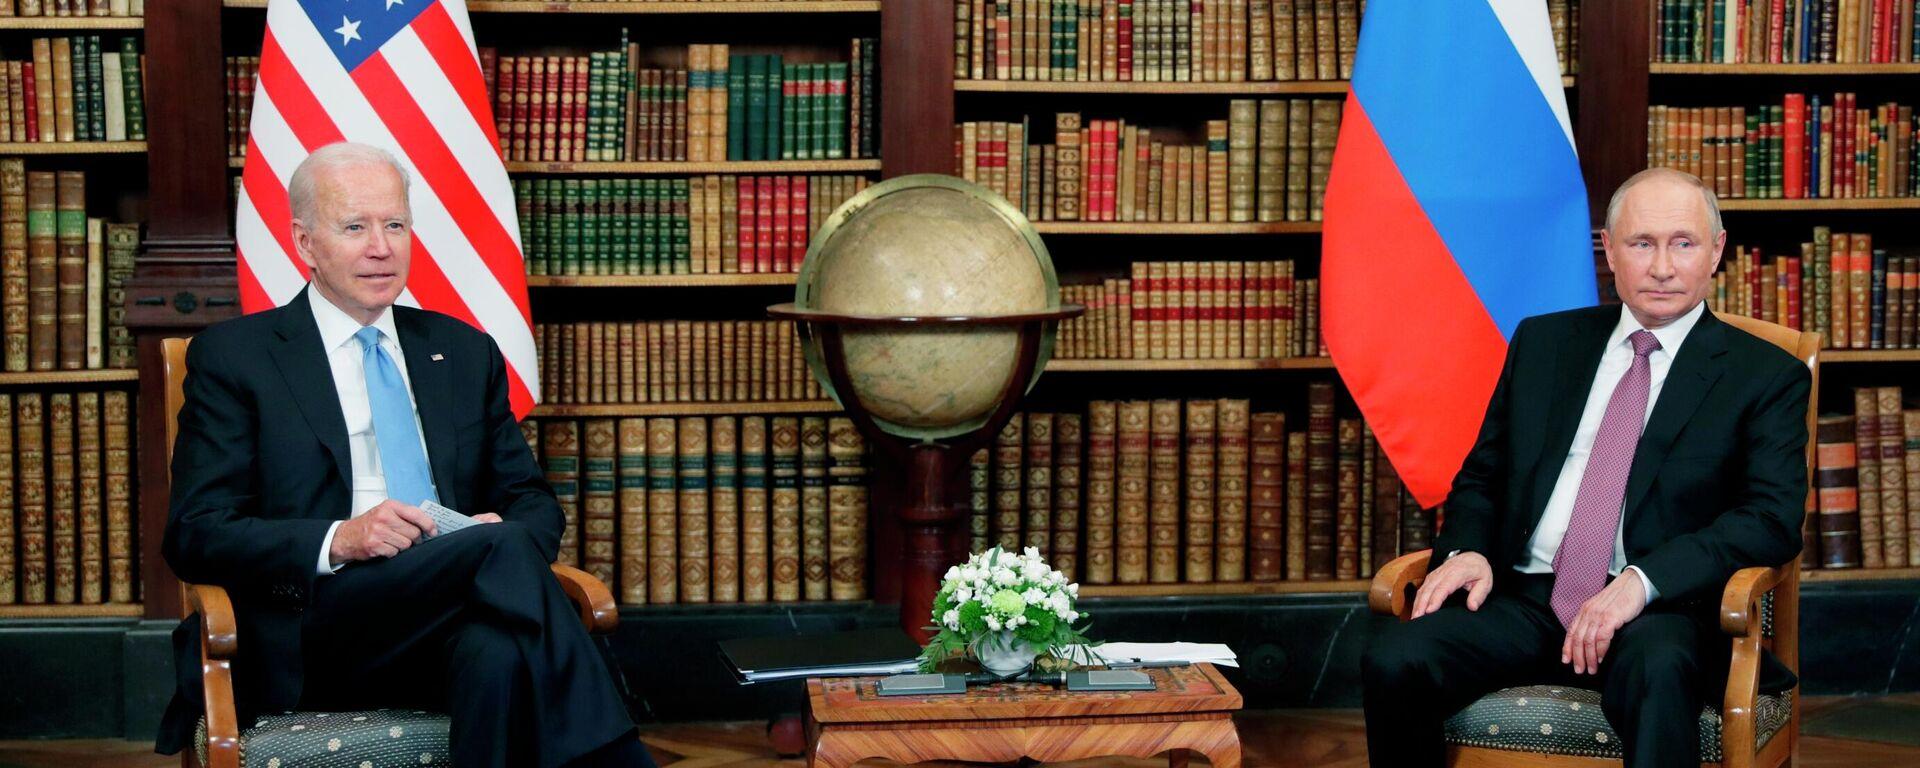 Встреча президентов России и США В. Путина и Дж. Байдена в Женеве - Sputnik Таджикистан, 1920, 17.07.2021